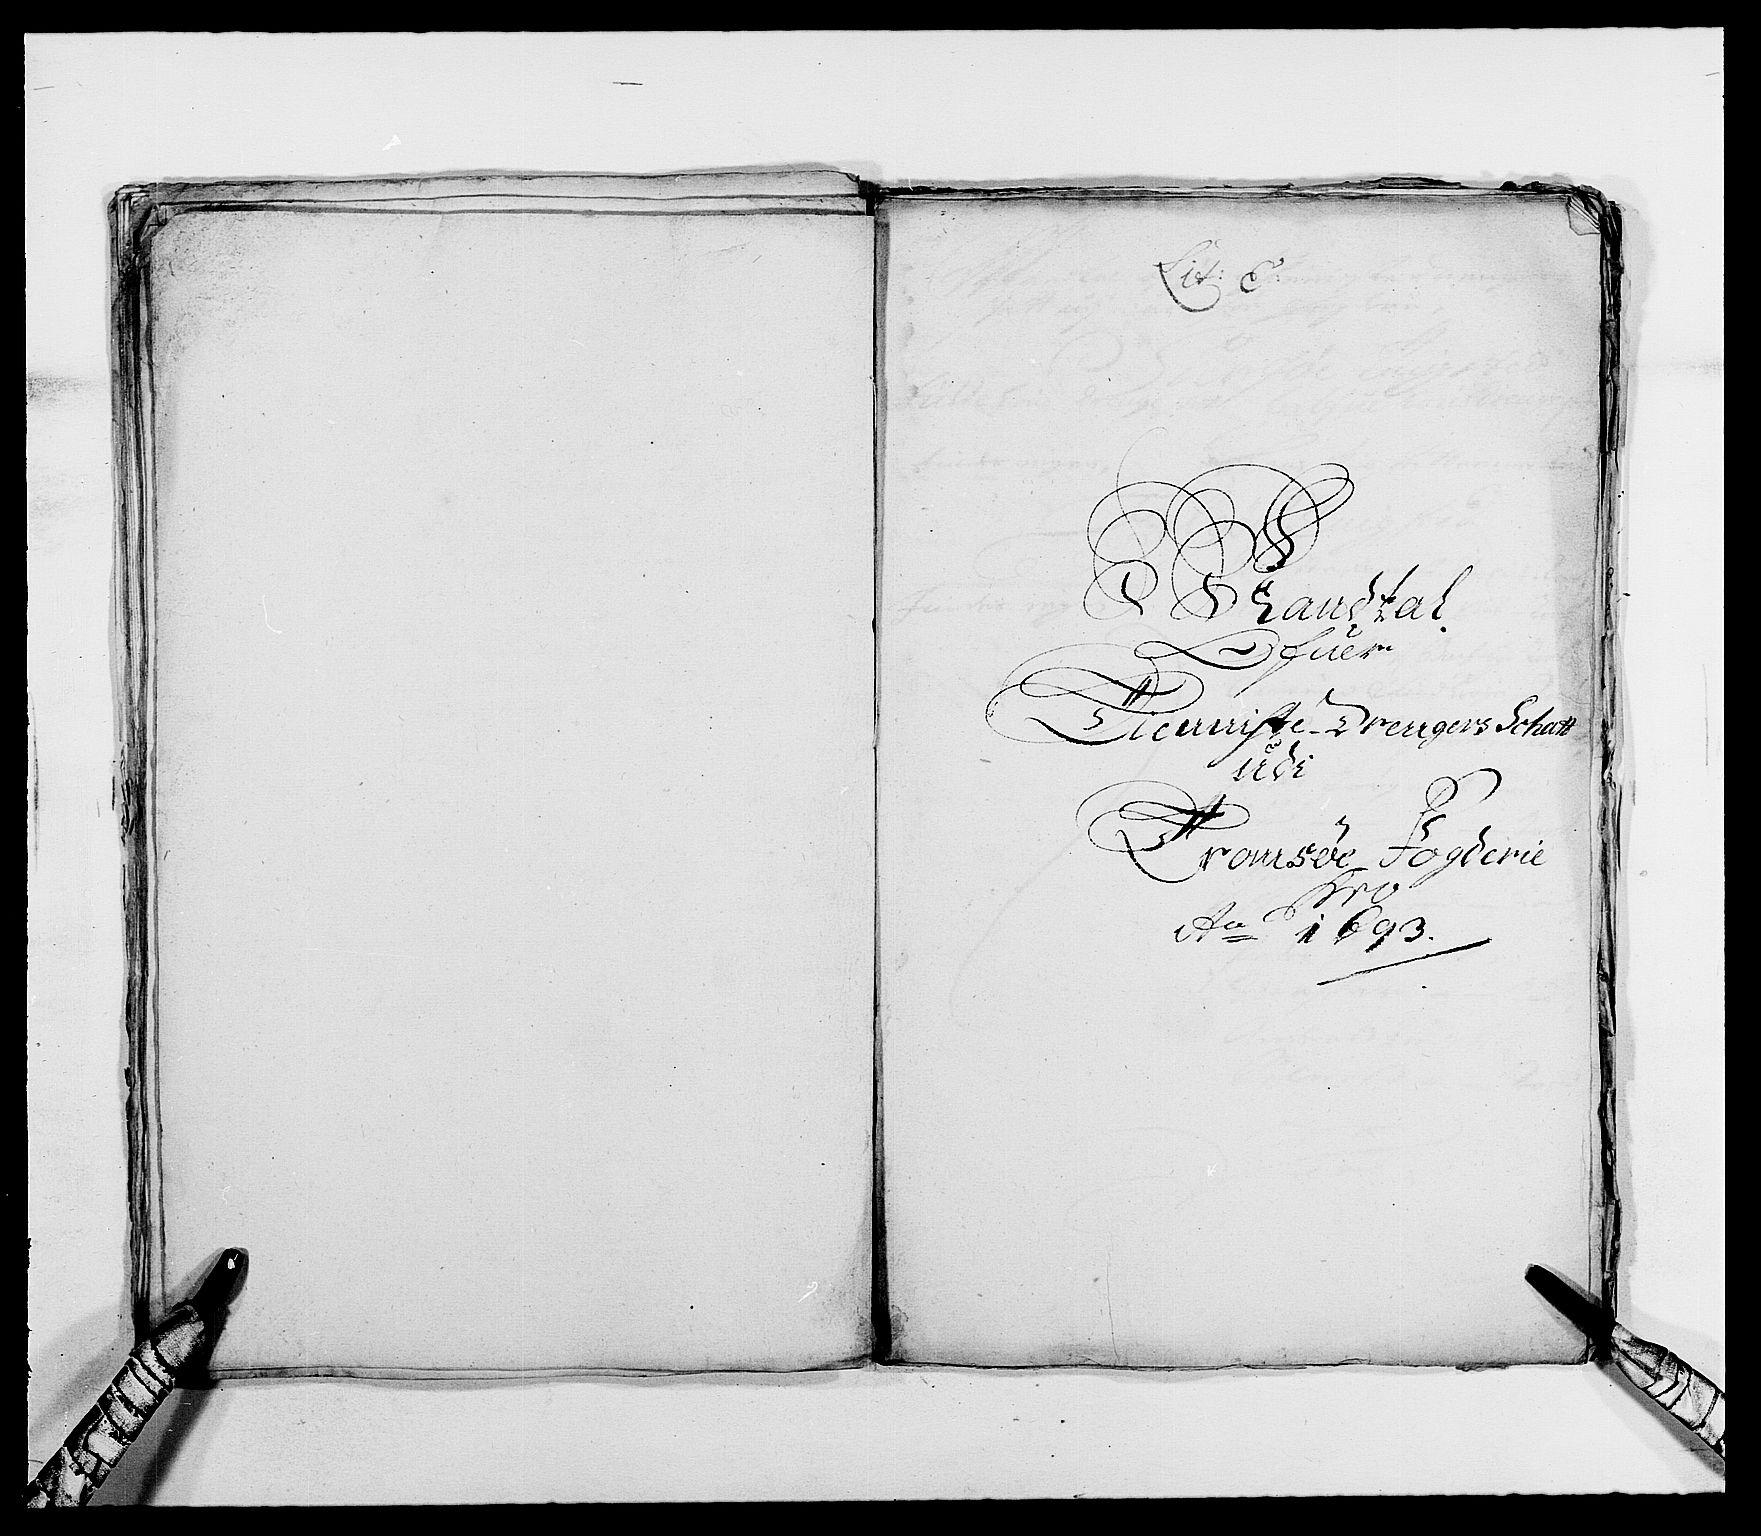 RA, Rentekammeret inntil 1814, Reviderte regnskaper, Fogderegnskap, R68/L4751: Fogderegnskap Senja og Troms, 1690-1693, s. 315